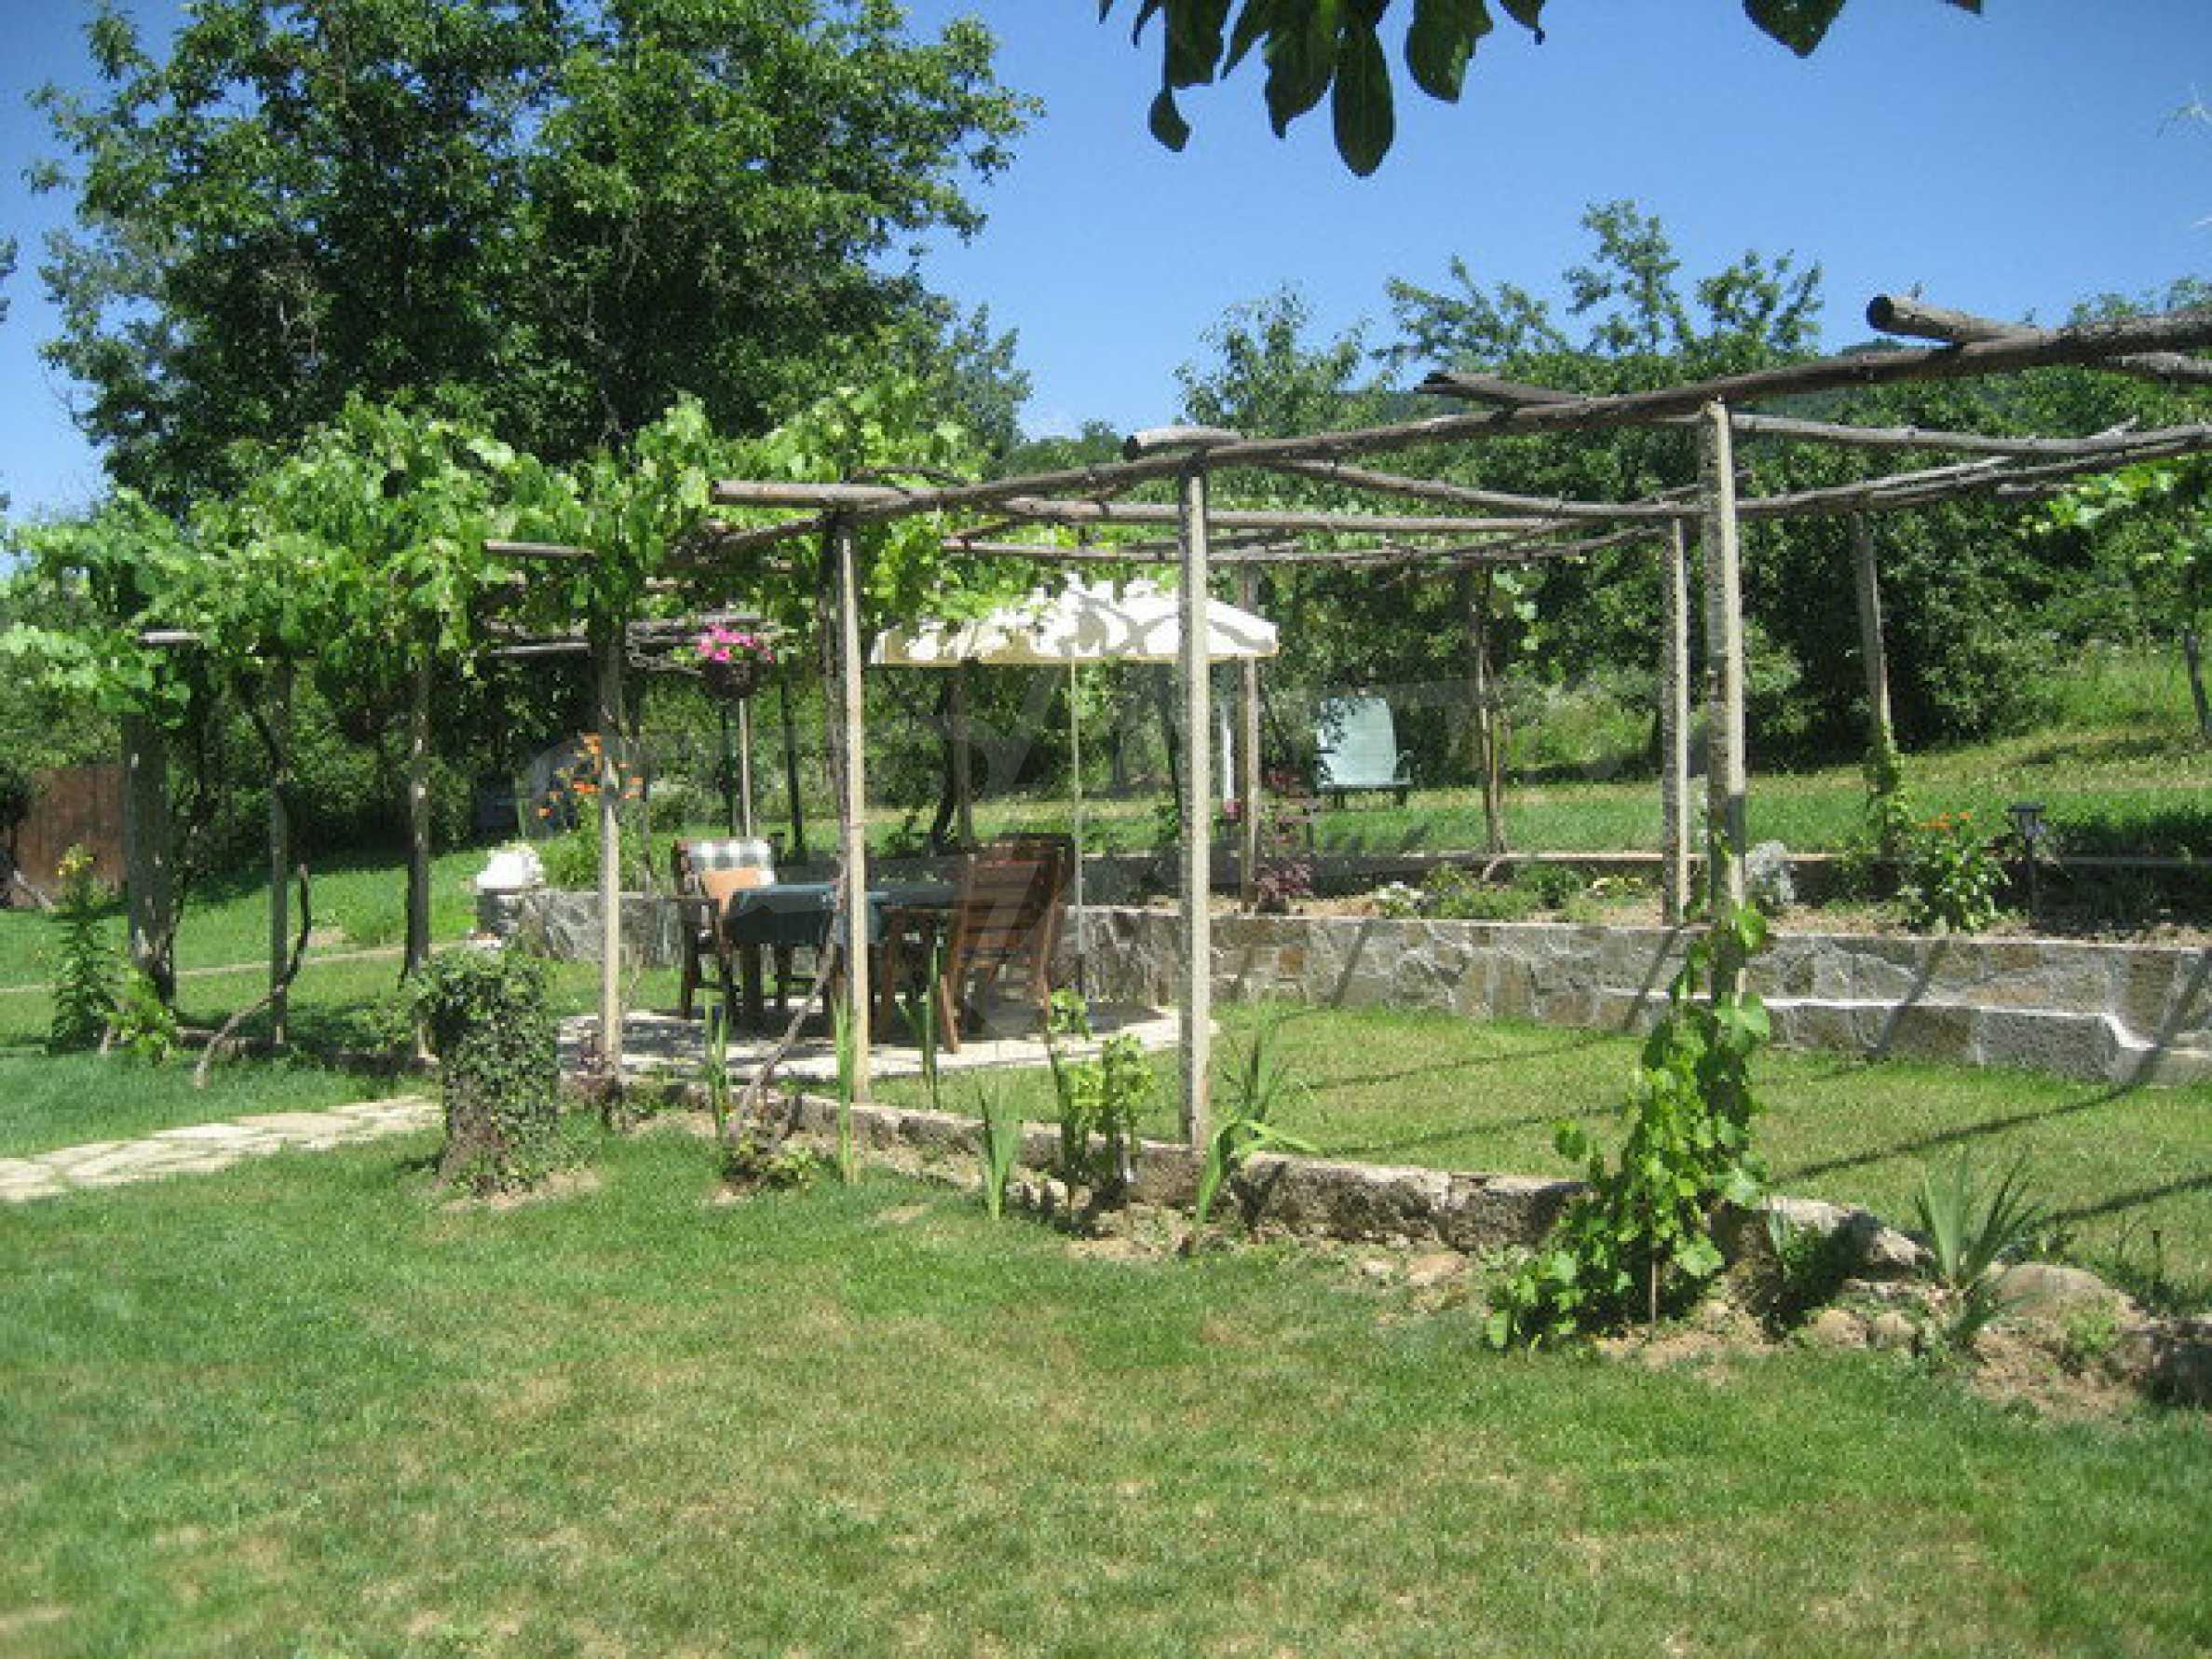 Geräumiges ländliches Anwesen mit einem Garten 20 km. von Veliko Tarnovo 34